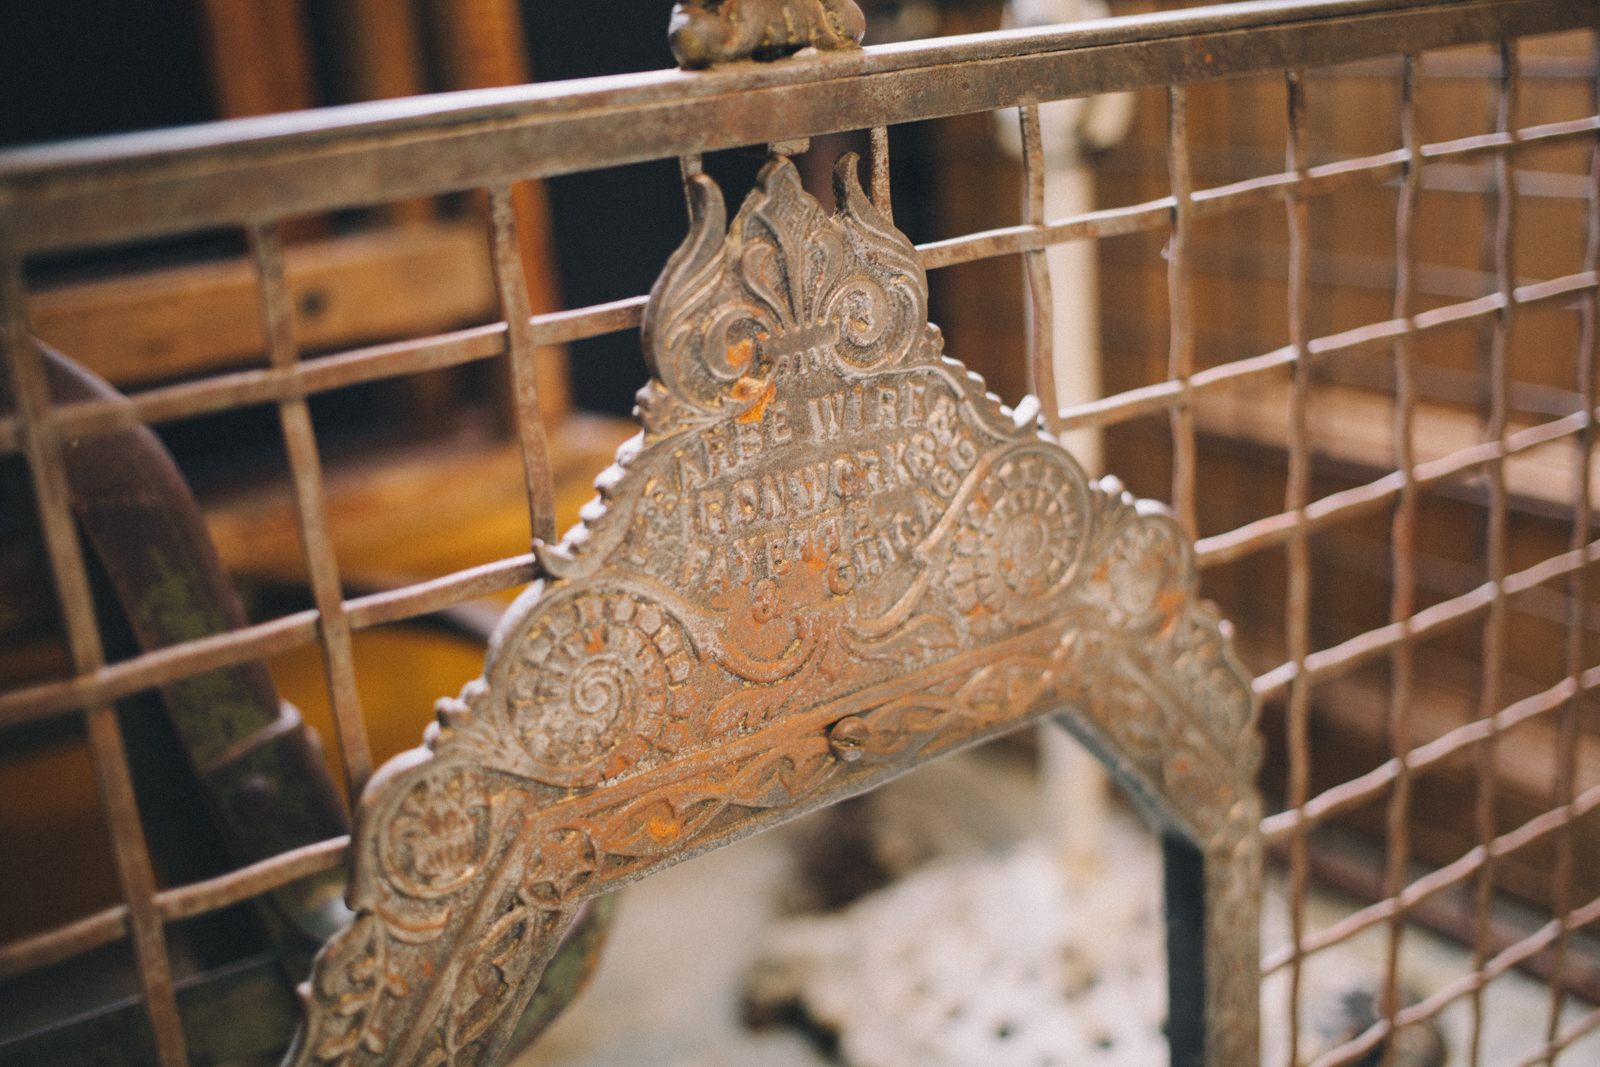 代々木上原 代々木八幡 SPEAKEASY SALOON BEAUTYSMITH スピークイージー サルーン ビューティスミス